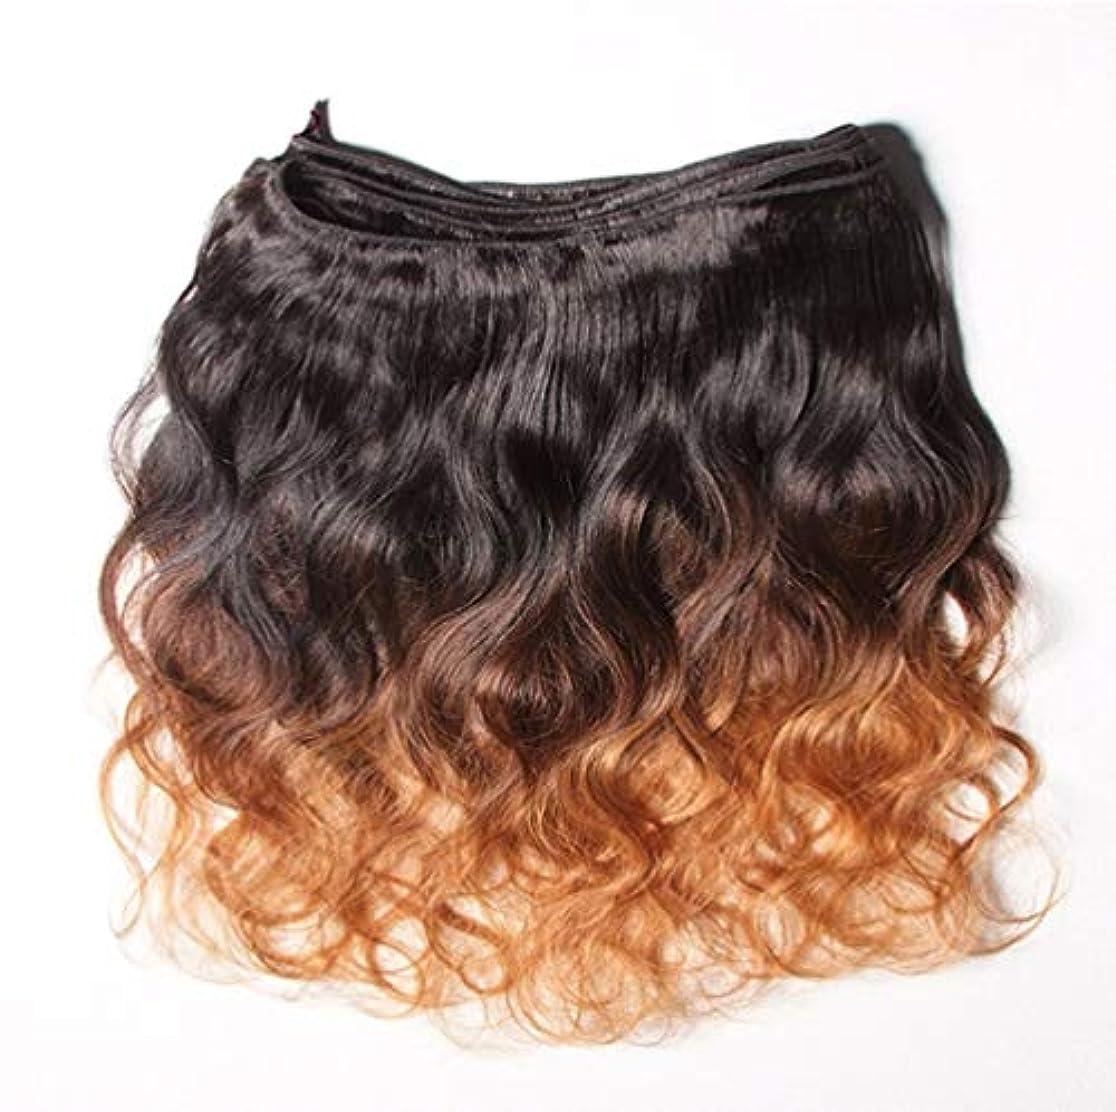 タクシー過度に勤勉10Aグレードの髪織りブラジルペルー人毛バージン髪変態カーリーオンブル人間の髪織り(3バンドル)